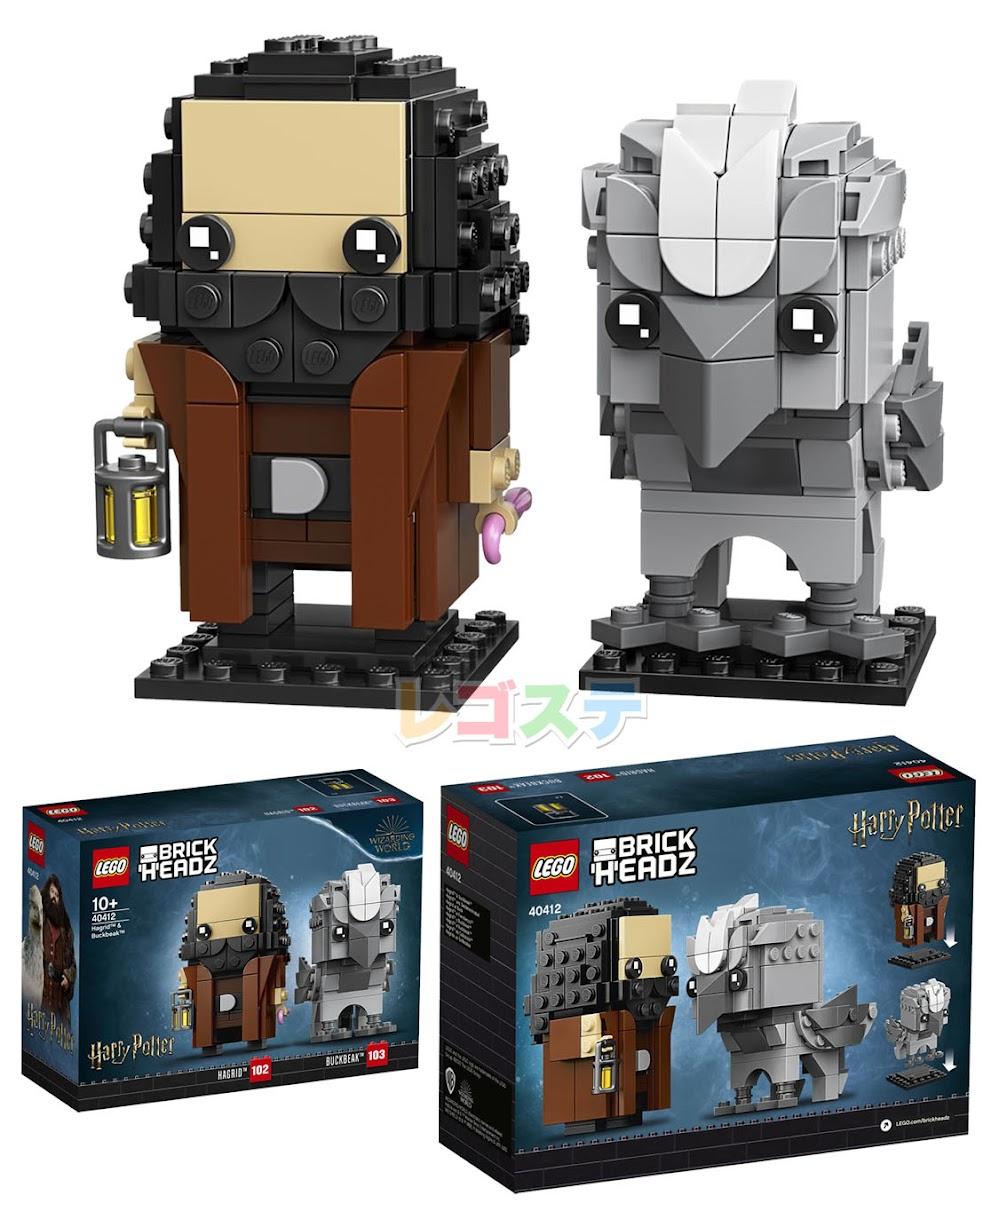 40412 ハグリッドとバックビーク:レゴ(LEGO) ブリックヘッズ ハリー・ポッター